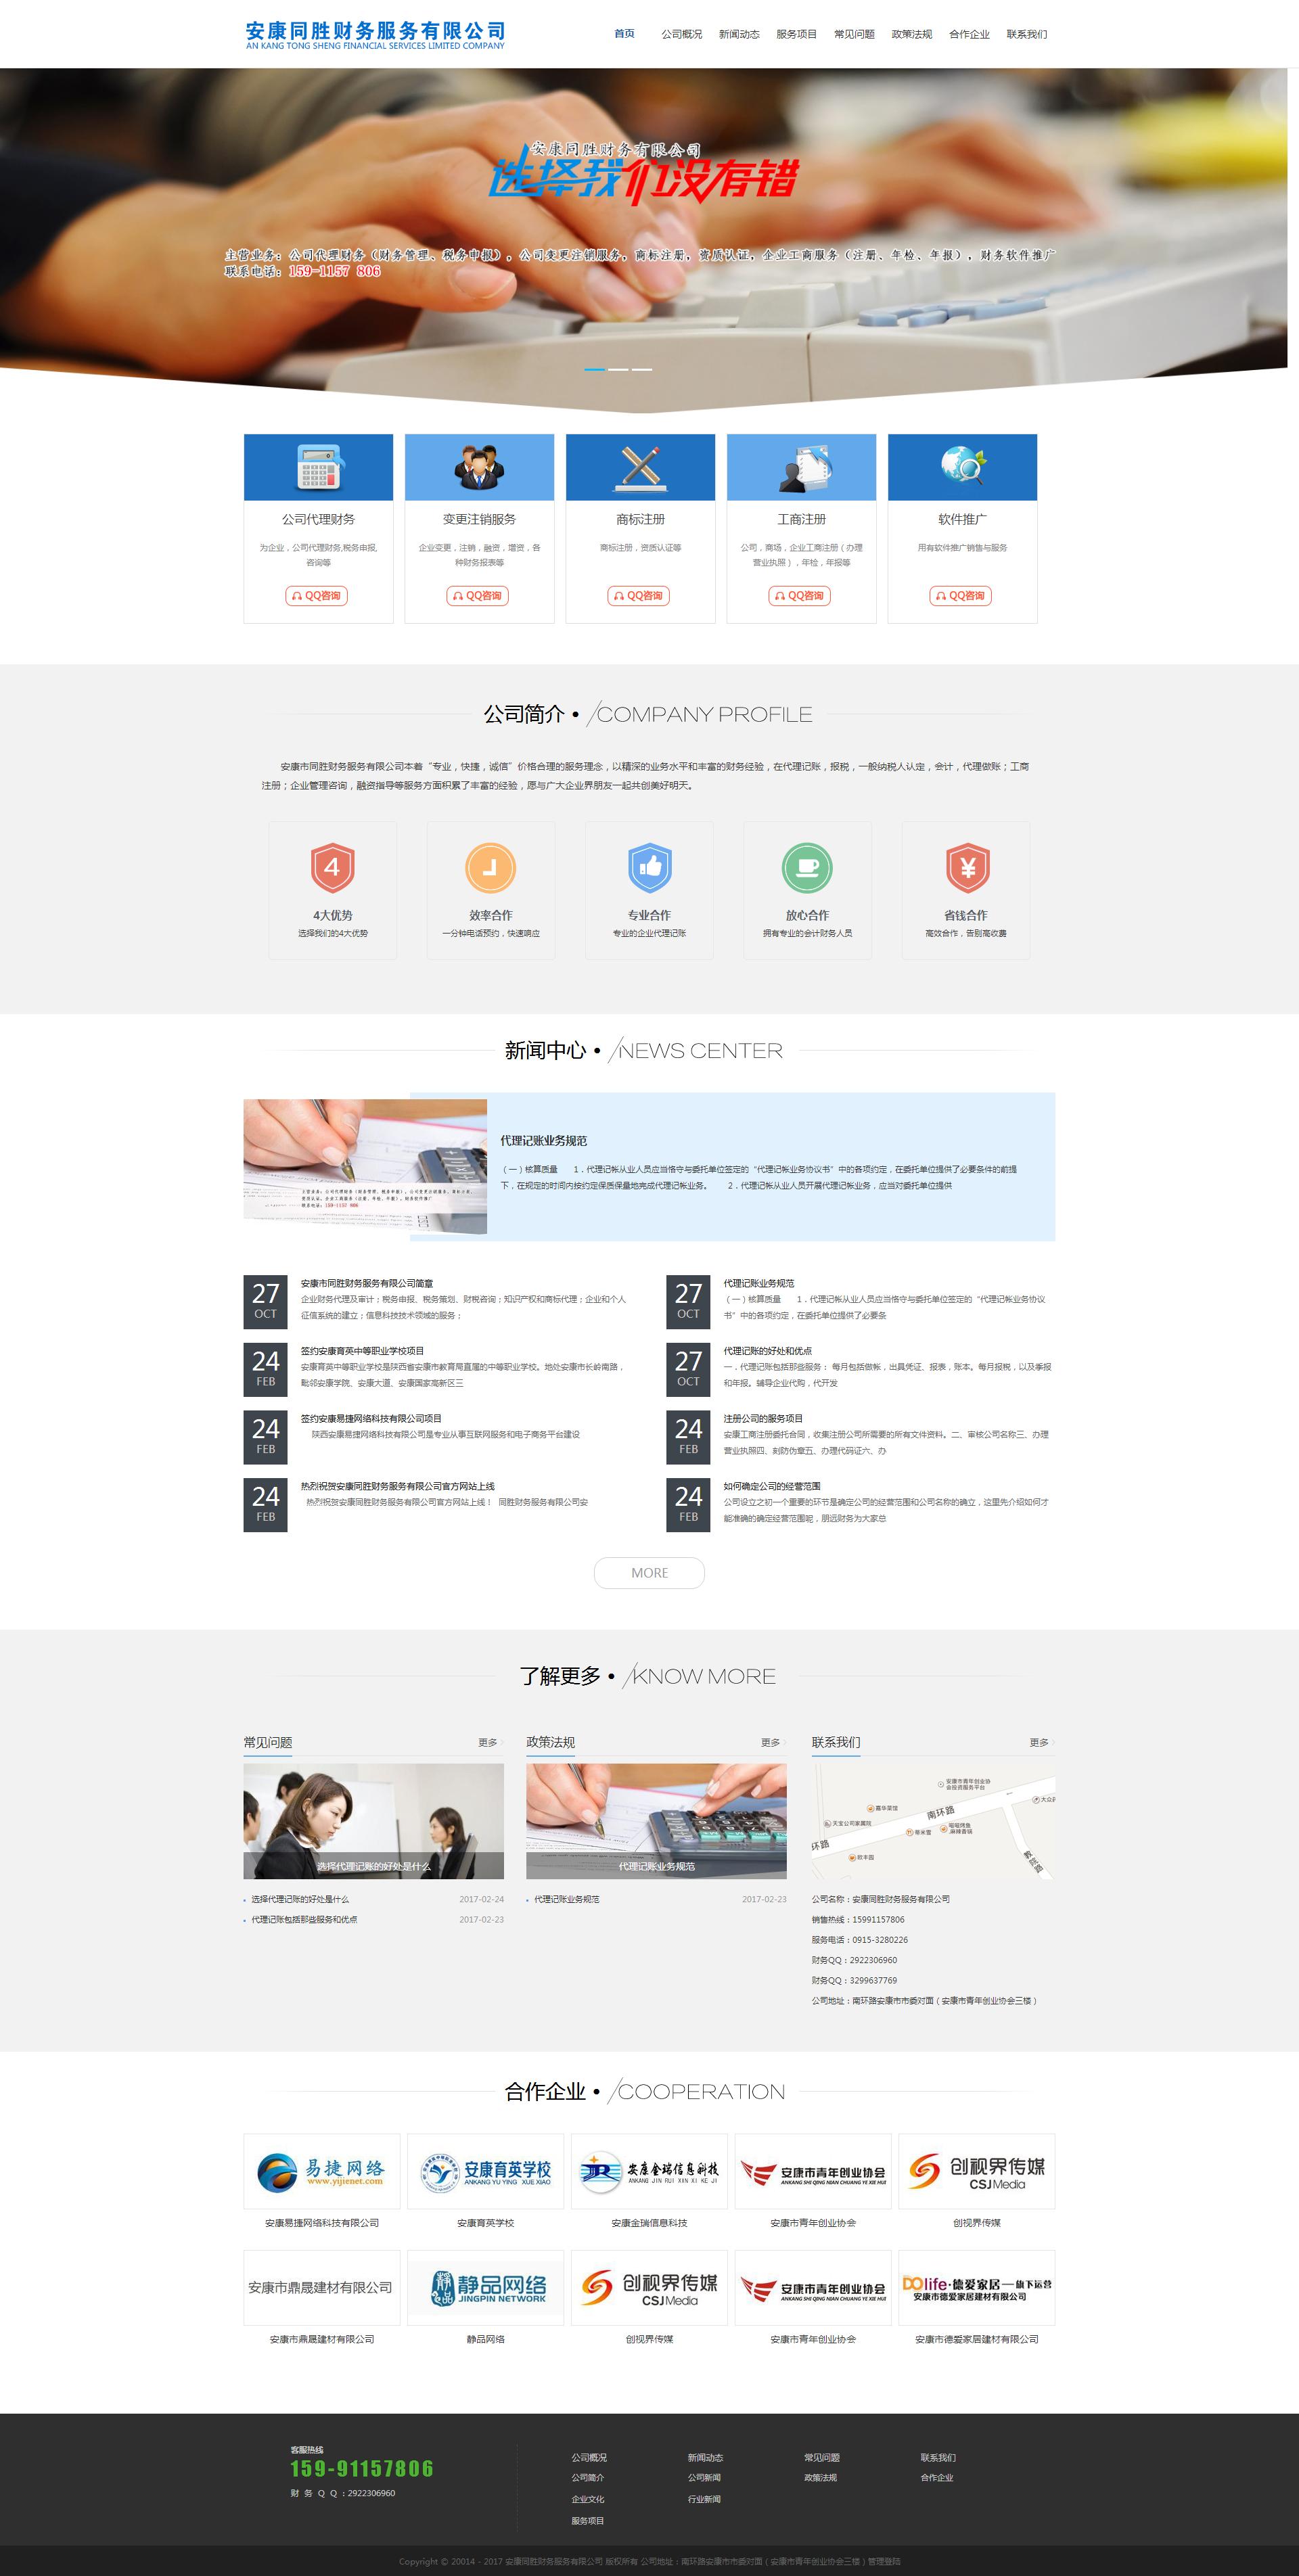 龙8娱乐同胜财务服务有限公司_龙8娱乐财务代理,工商注册.png